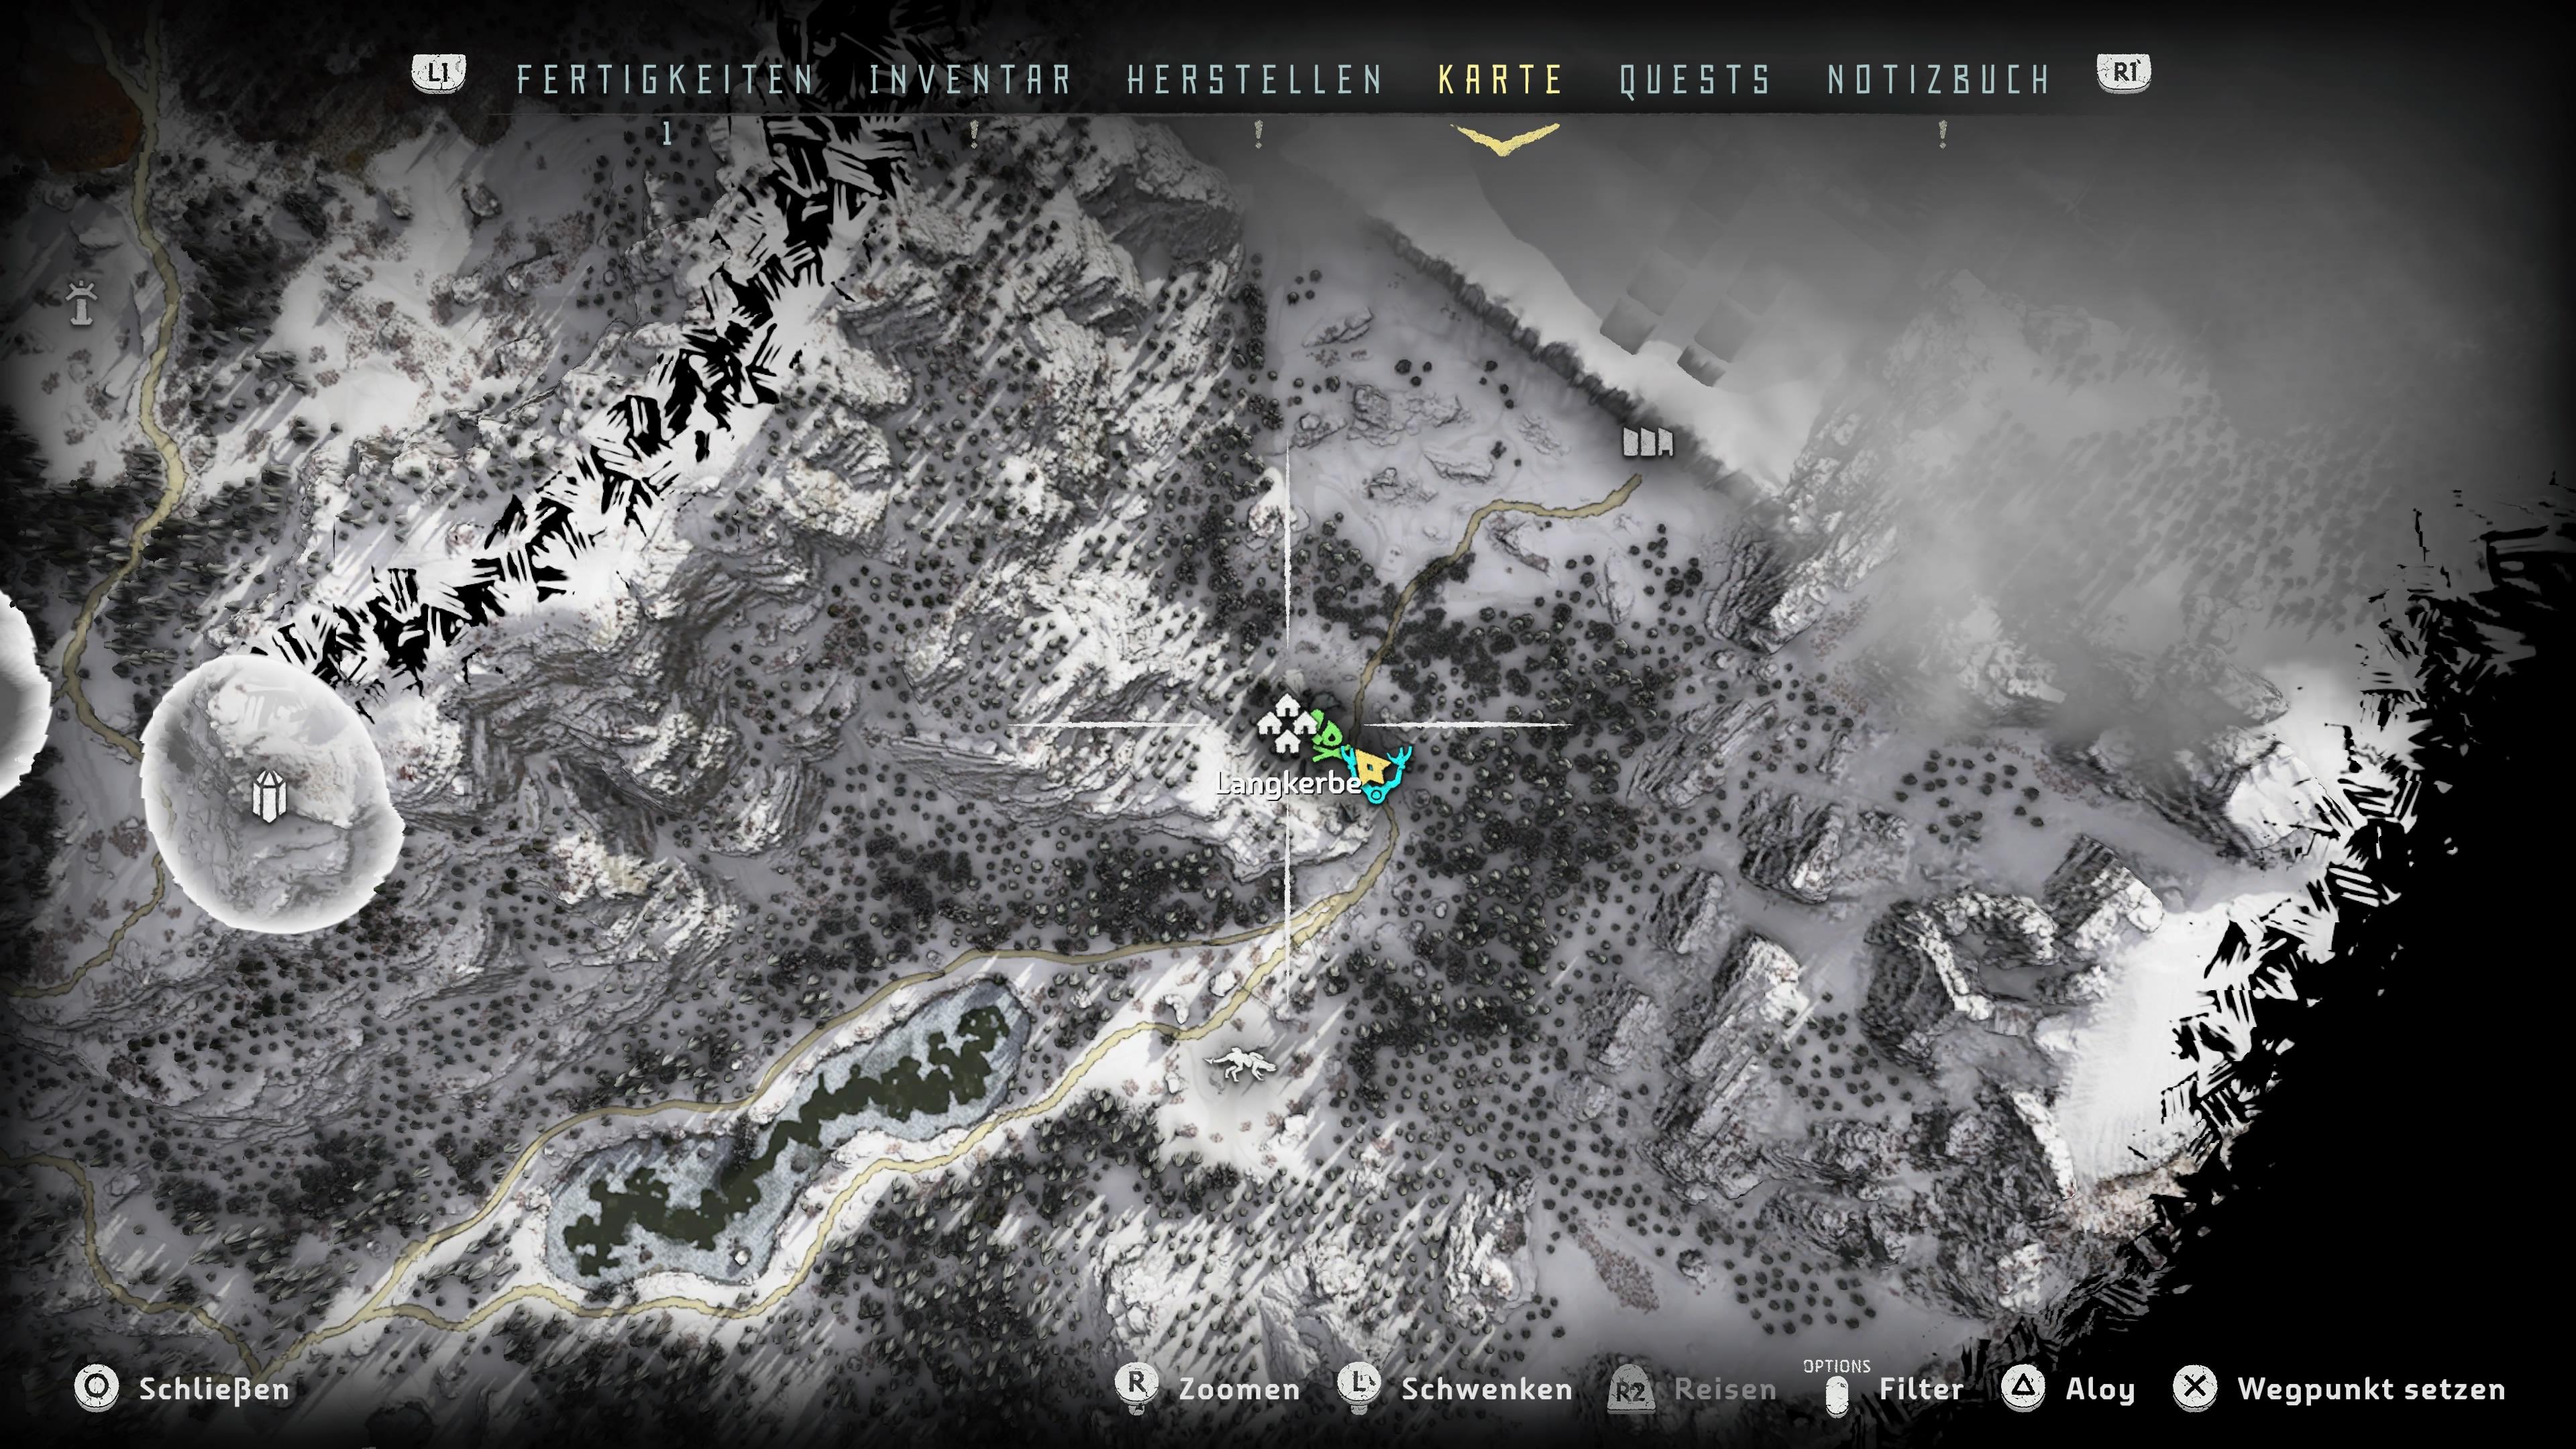 Horizon Zero Dawn Blauglanz Karte.Horizon Zero Dawn Tipps Die Wir Vor Spielstart Gerne Gewusst Hätten